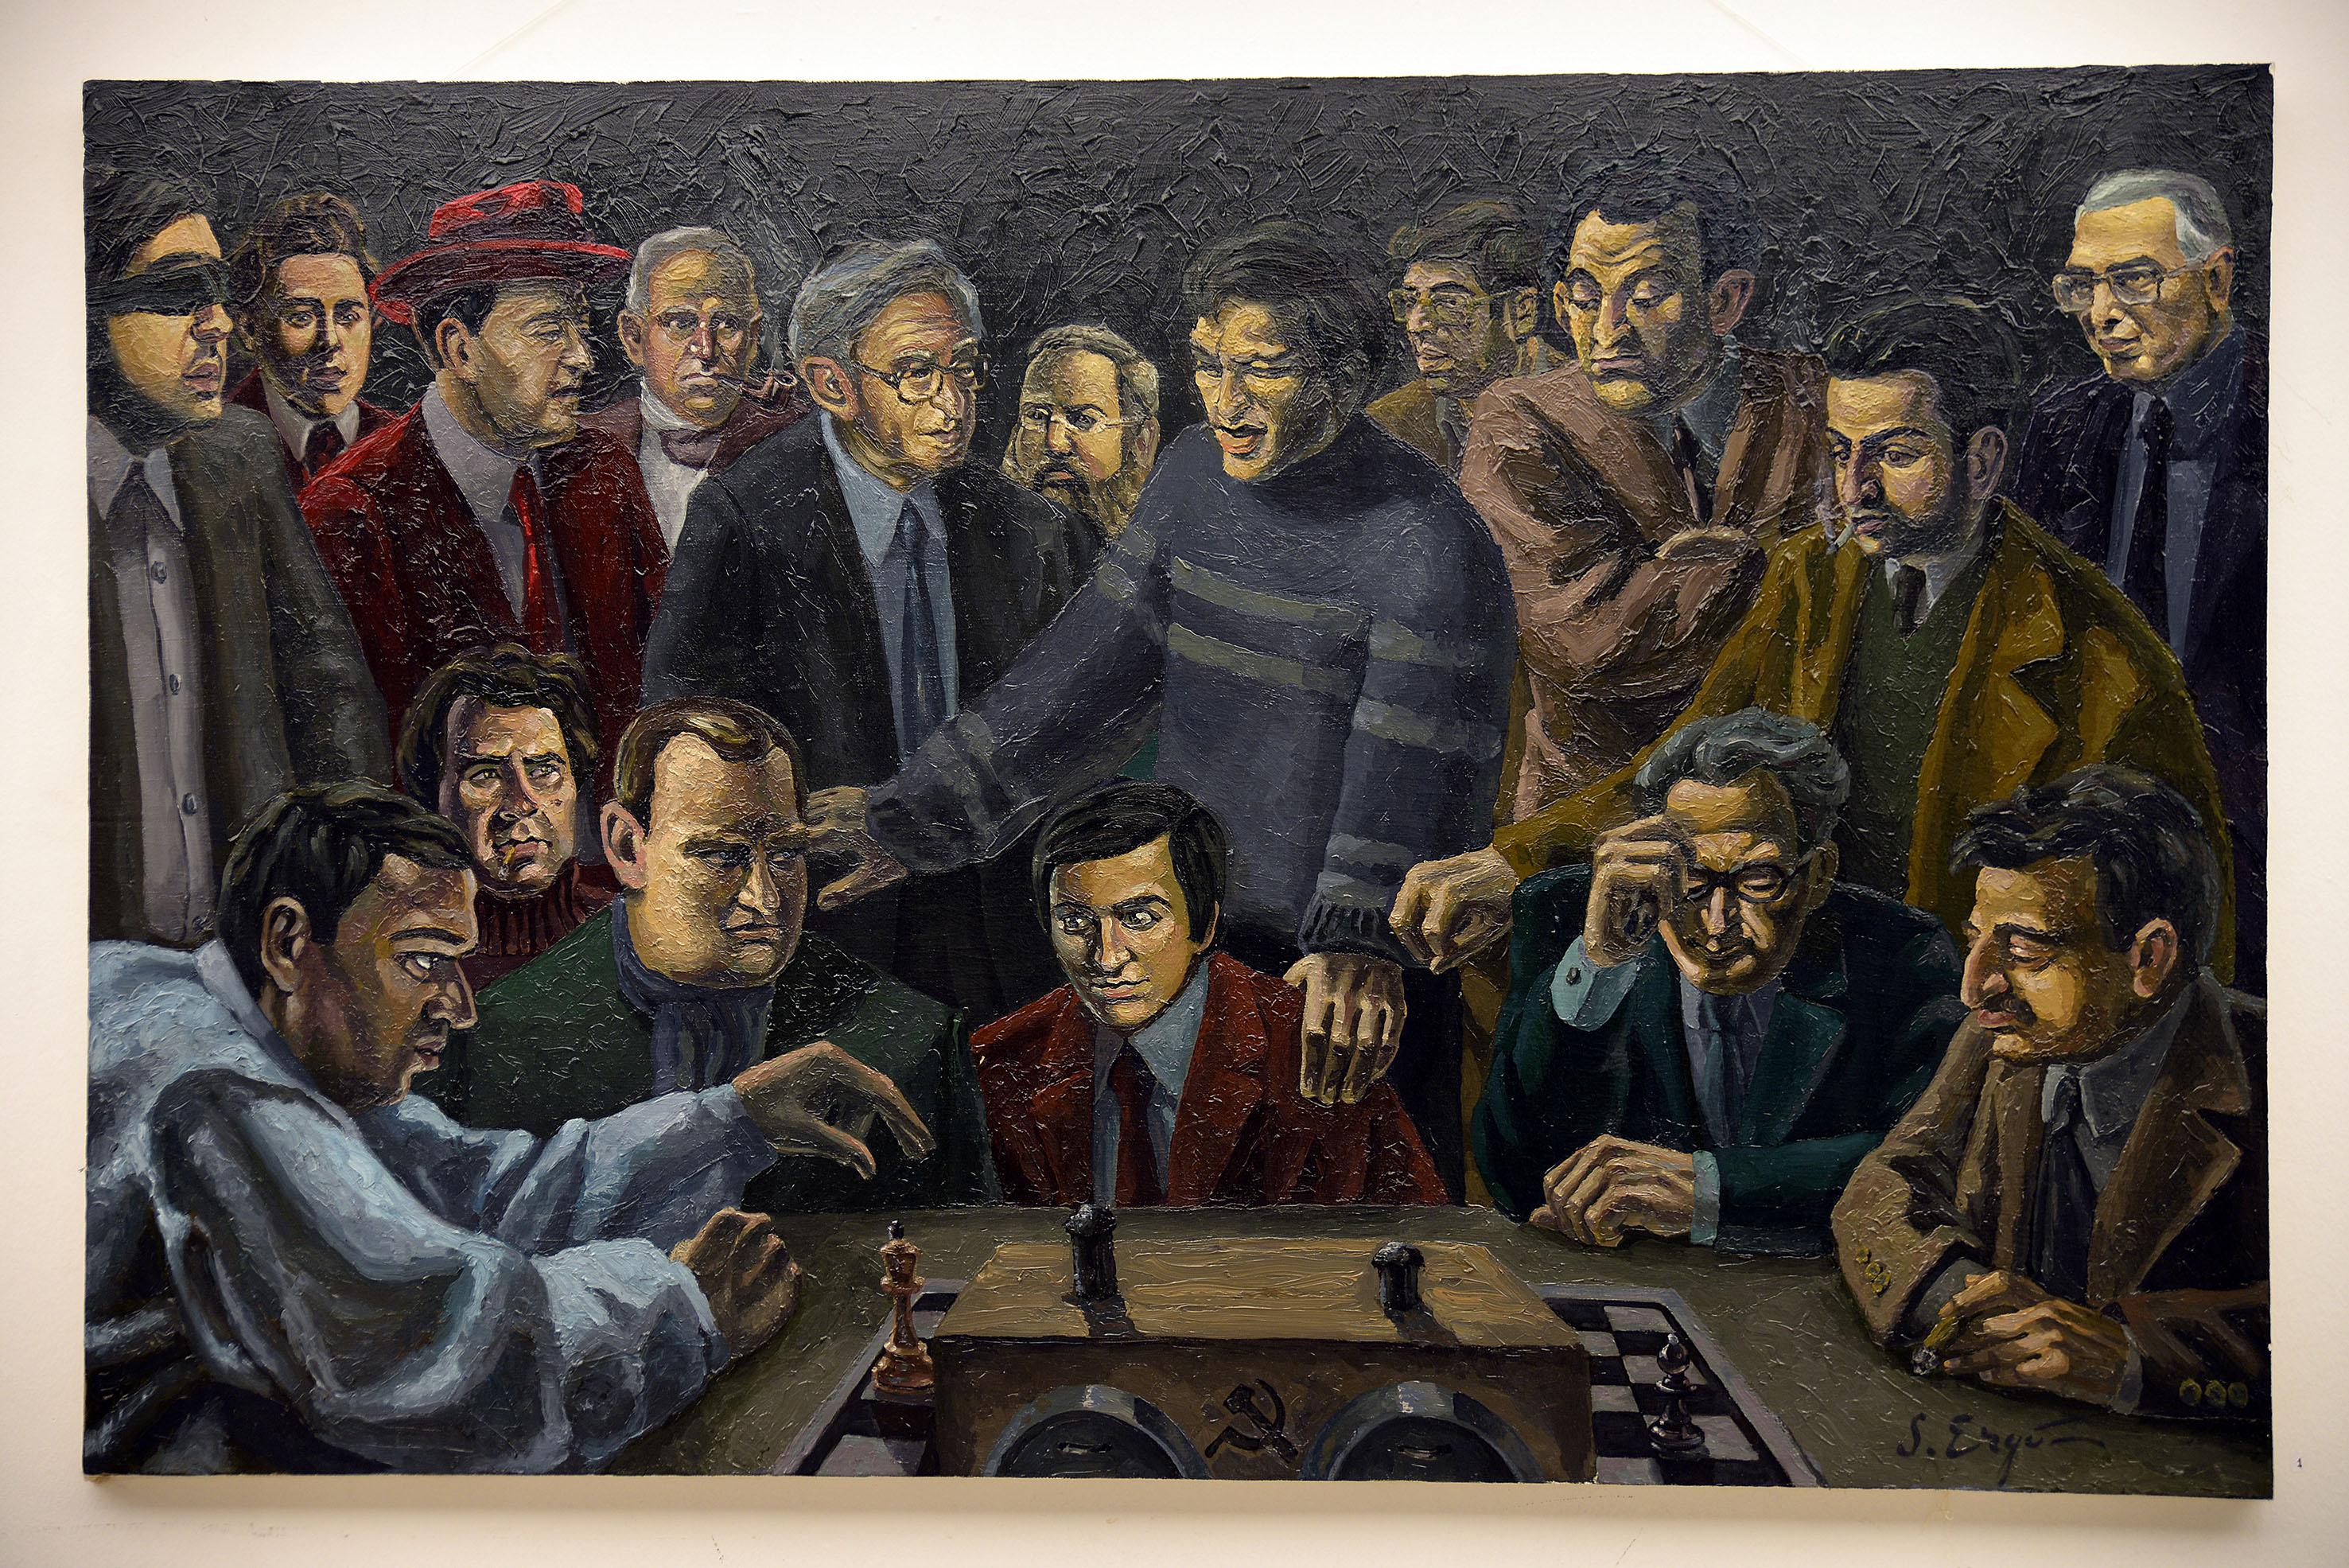 world chess champions by serkan ergun